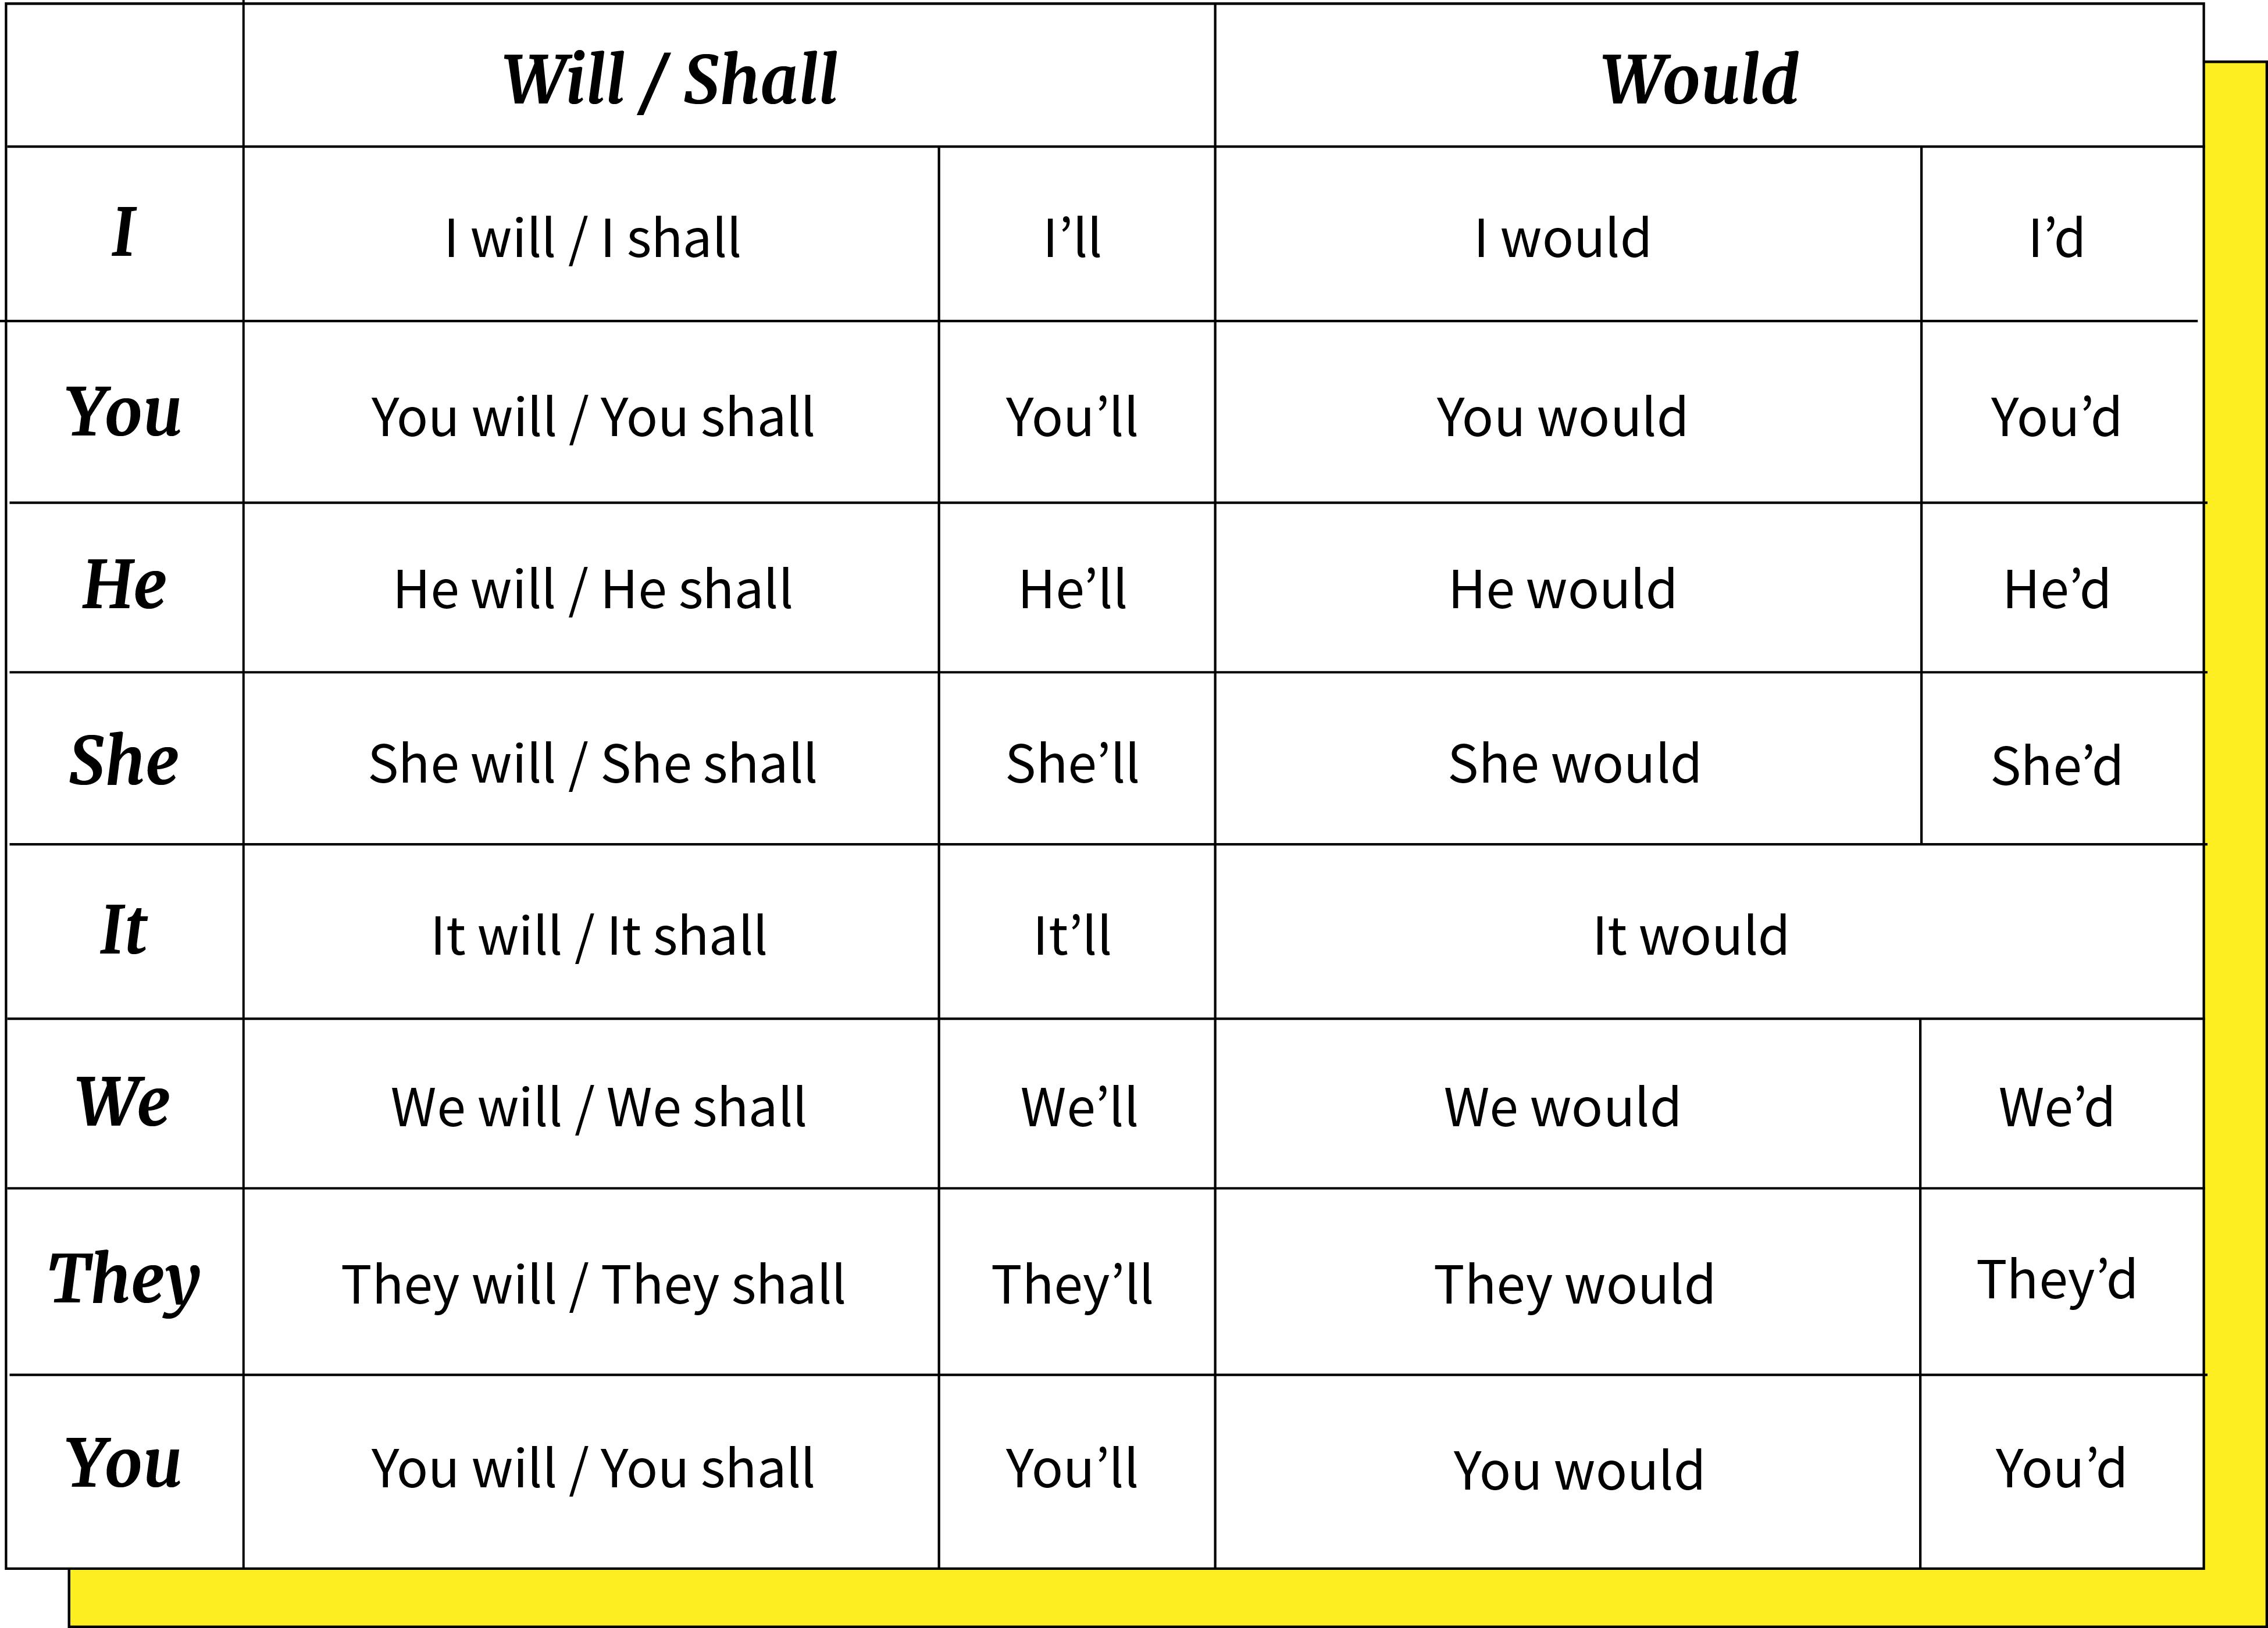 Exemplo de imagem das contrações dos verbos Will, Shall and Would.